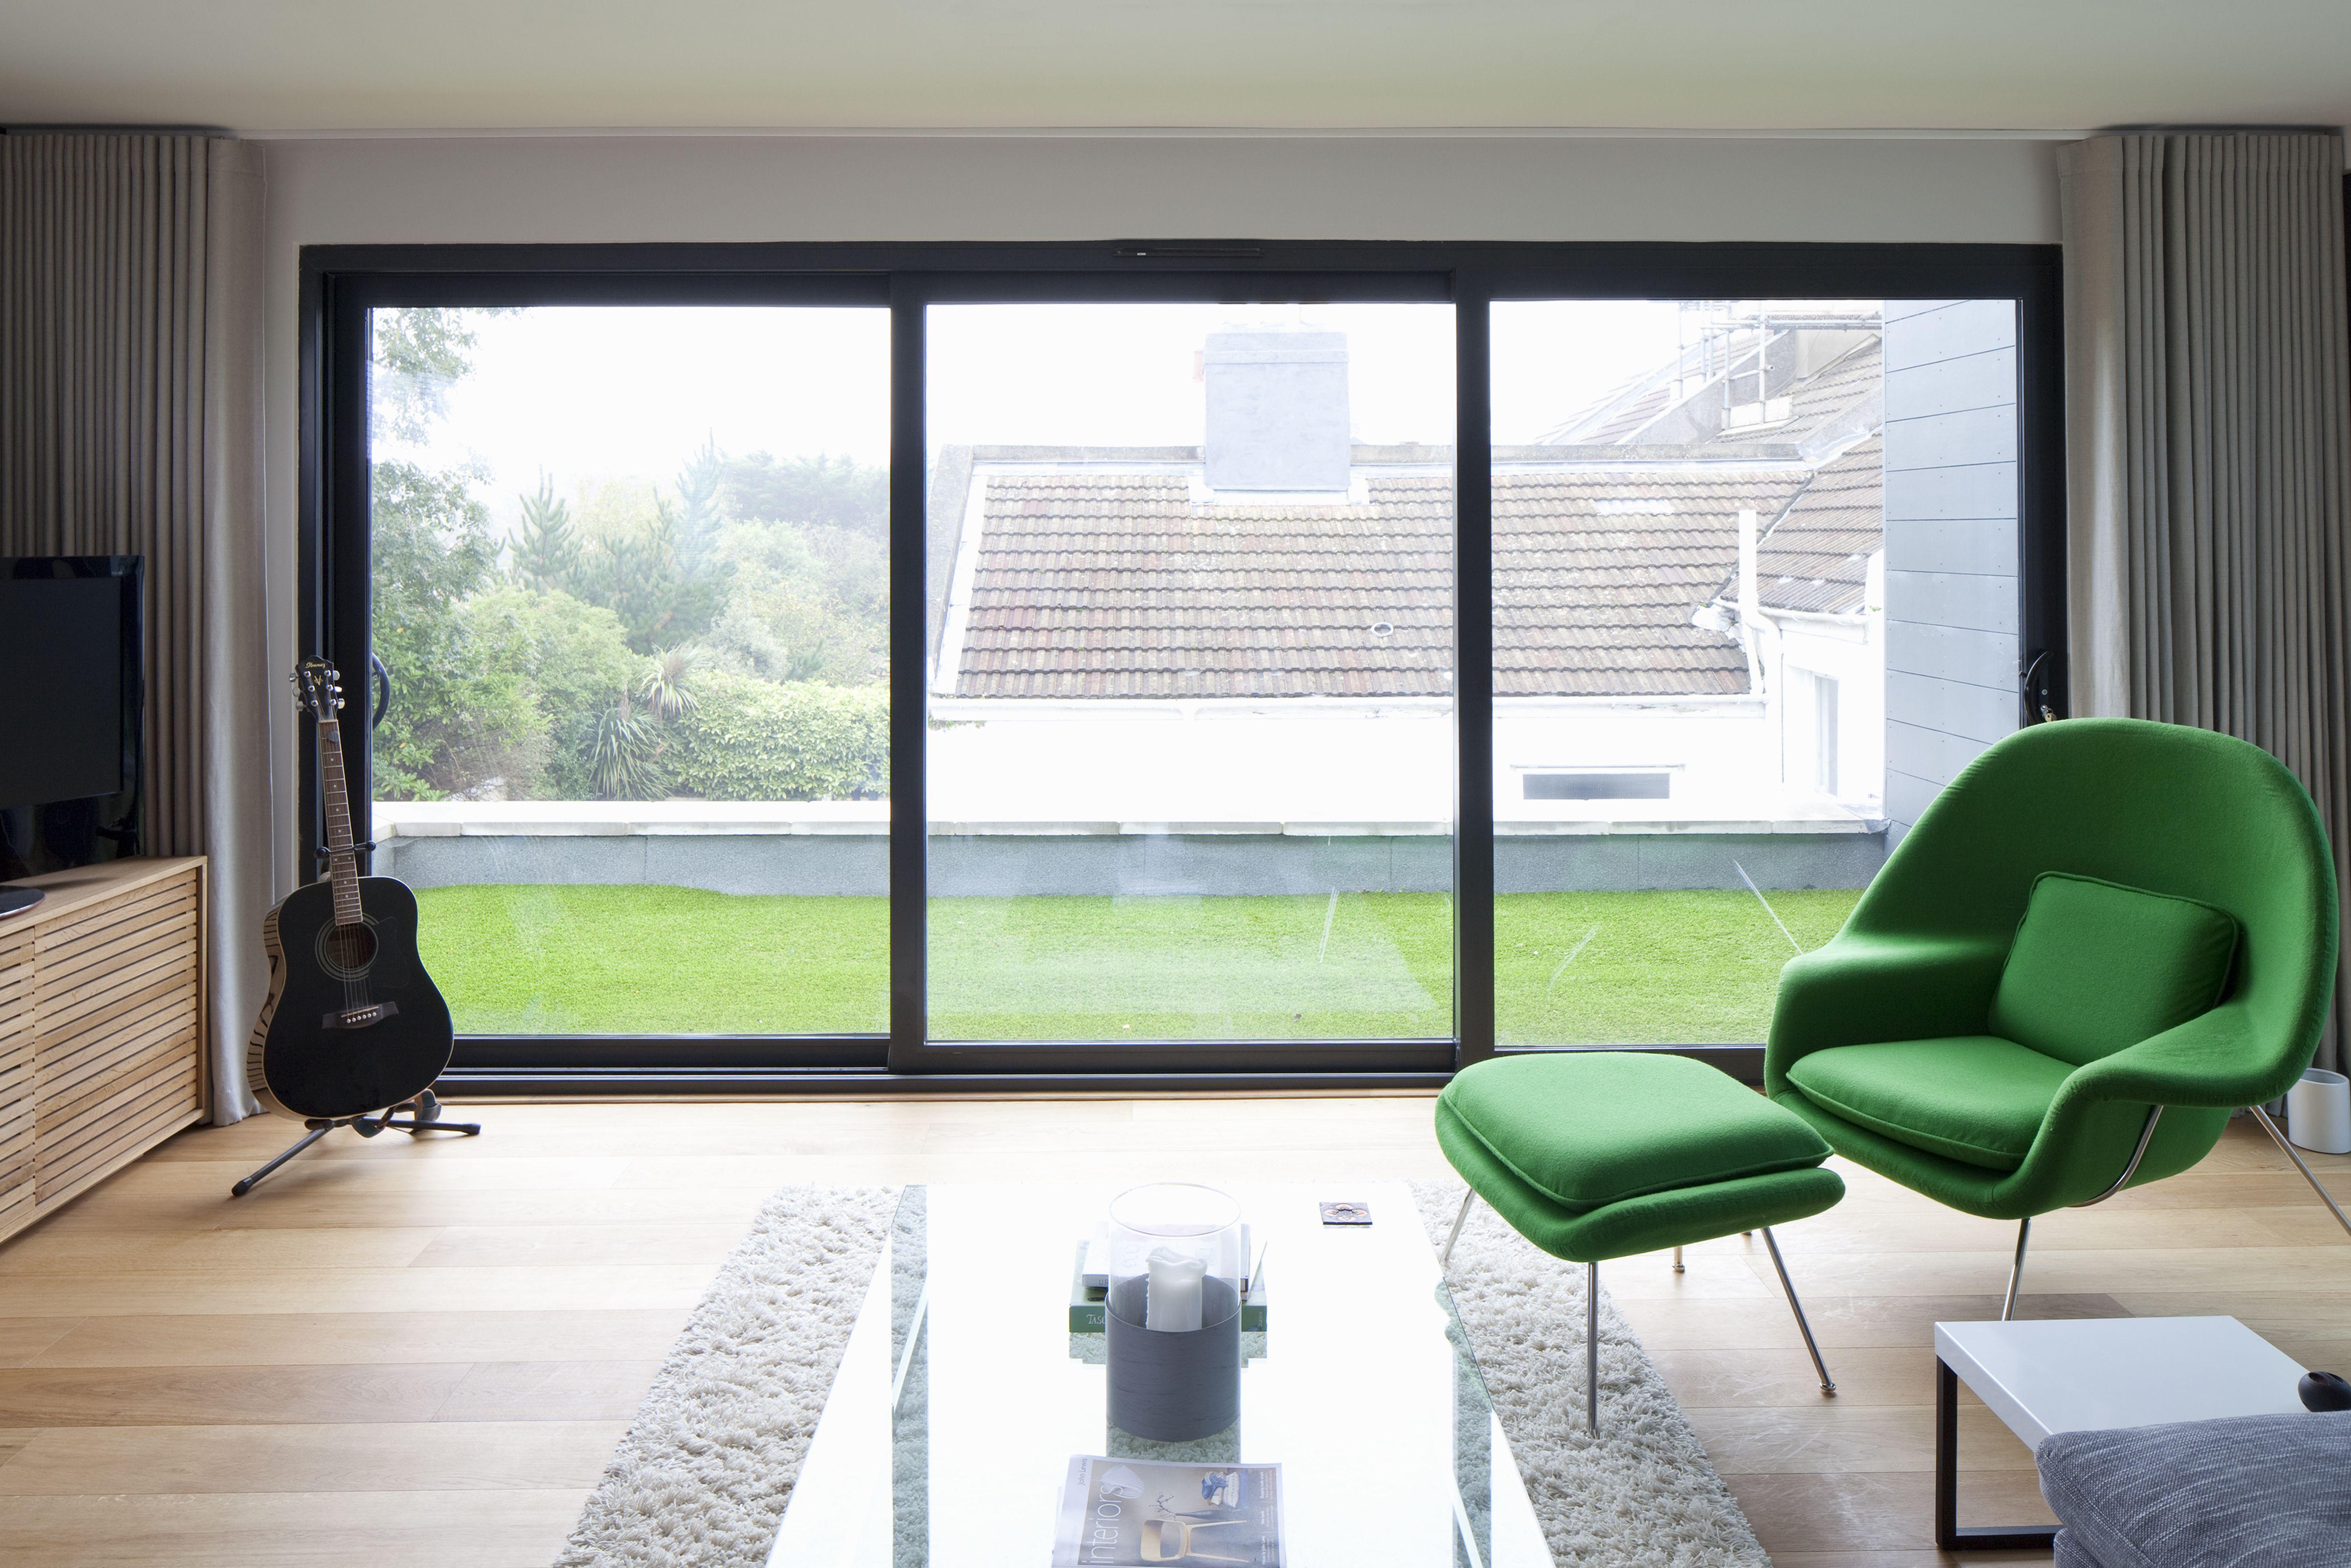 Design Balcony Door balcony roof terrace astro turf glass balustrade sliding doors